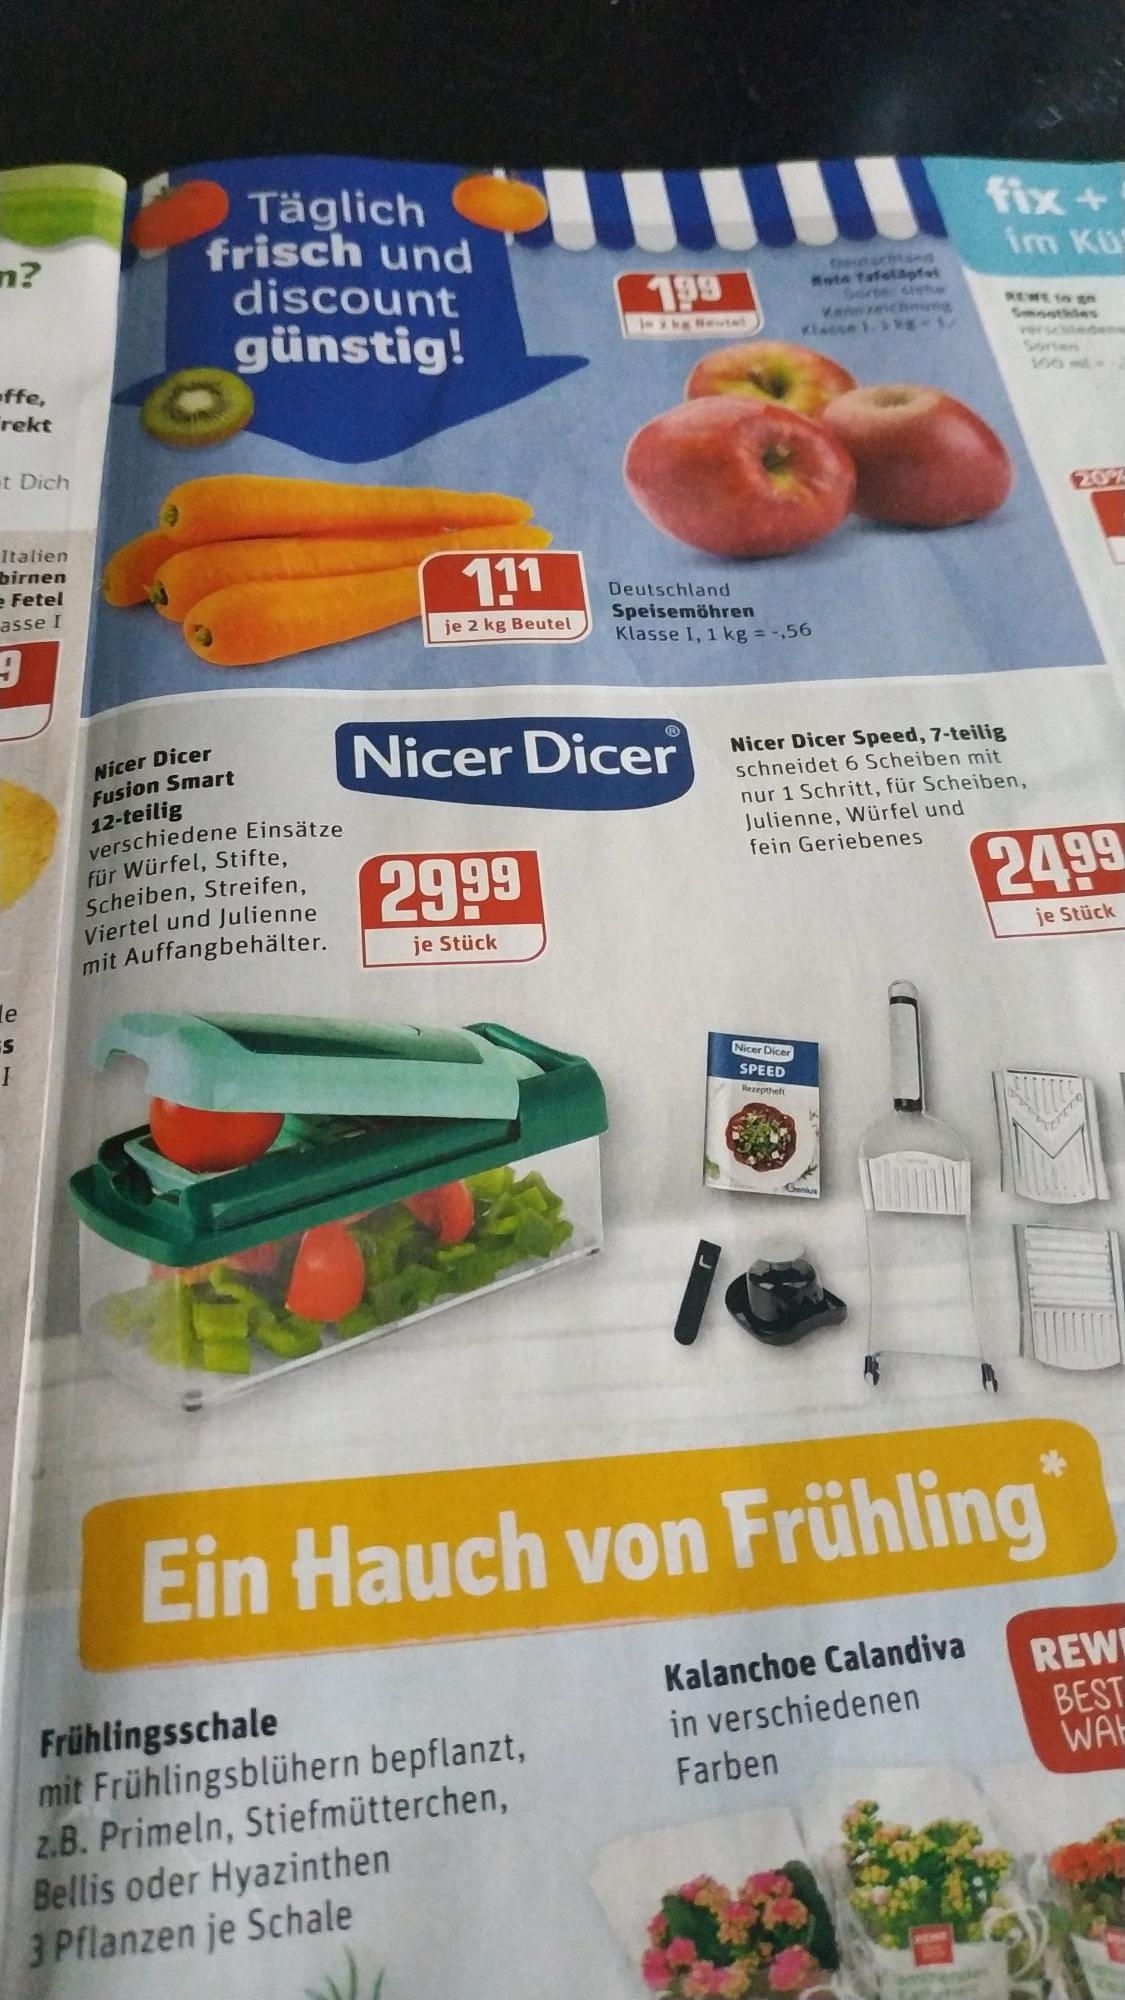 REWE Meyer, Dinslaken (NRW) - Nicer dicer fusion smart - 12 tlg. *Lokal*